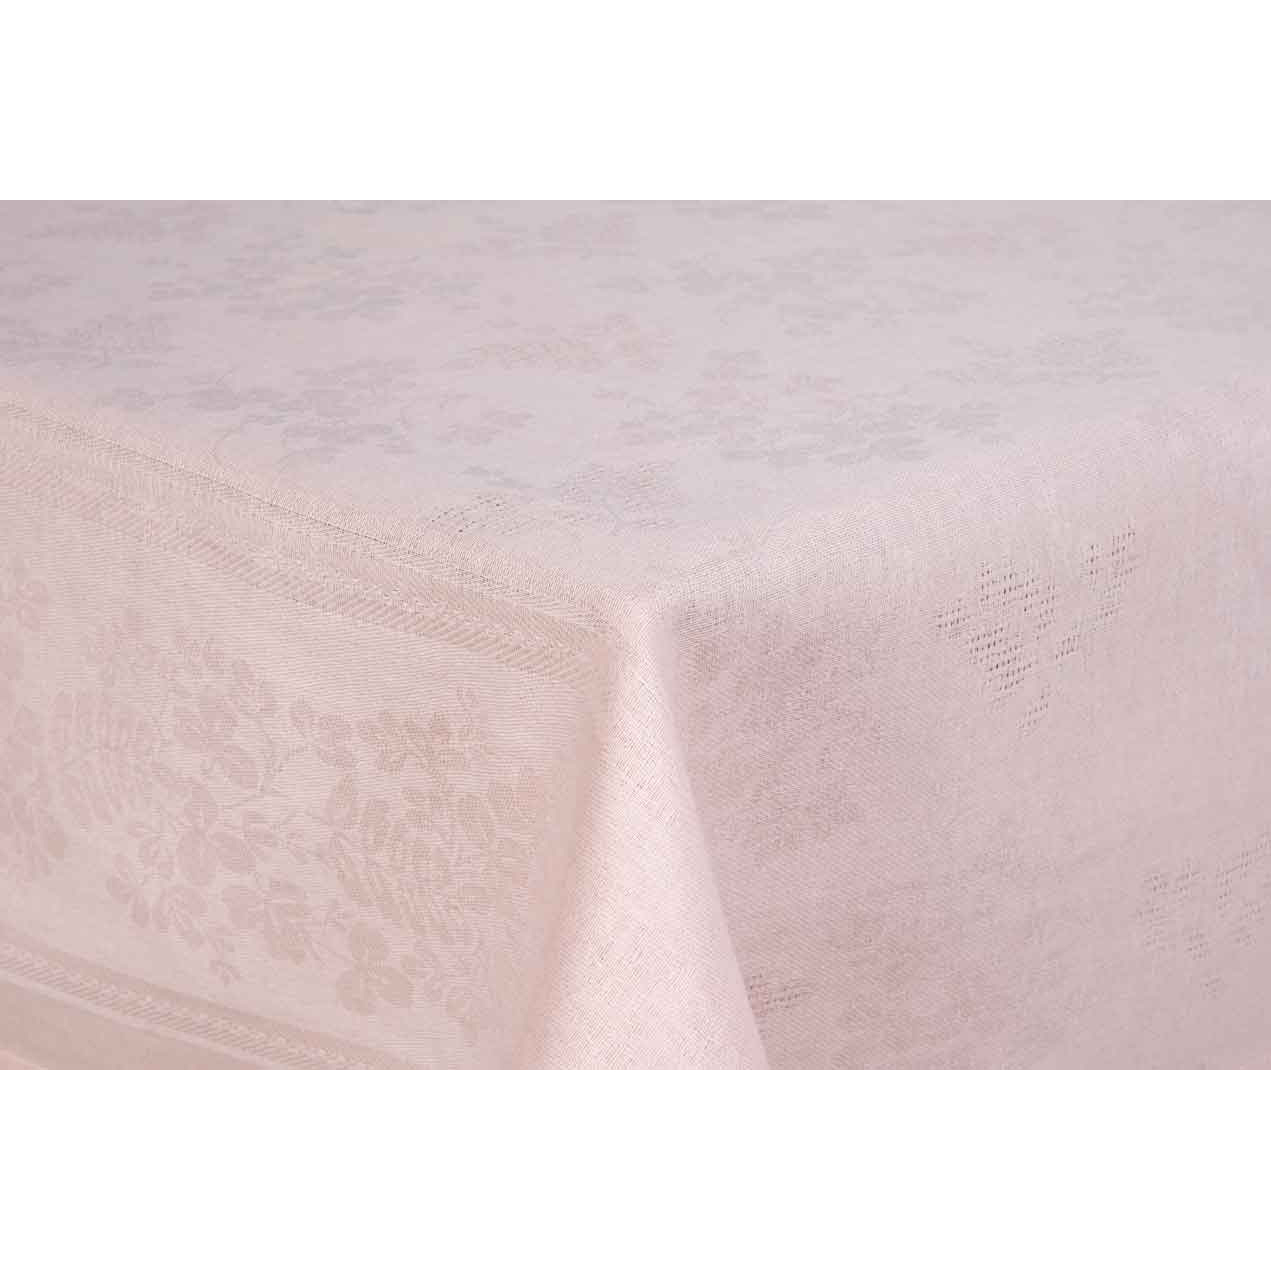 Скатерть Rainbow Кремовый, размер 145х180 смКухонные принадлежности<br><br><br>Тип: Кухонные принадлежности<br>Размер: 145х180<br>Материал: Хлопок